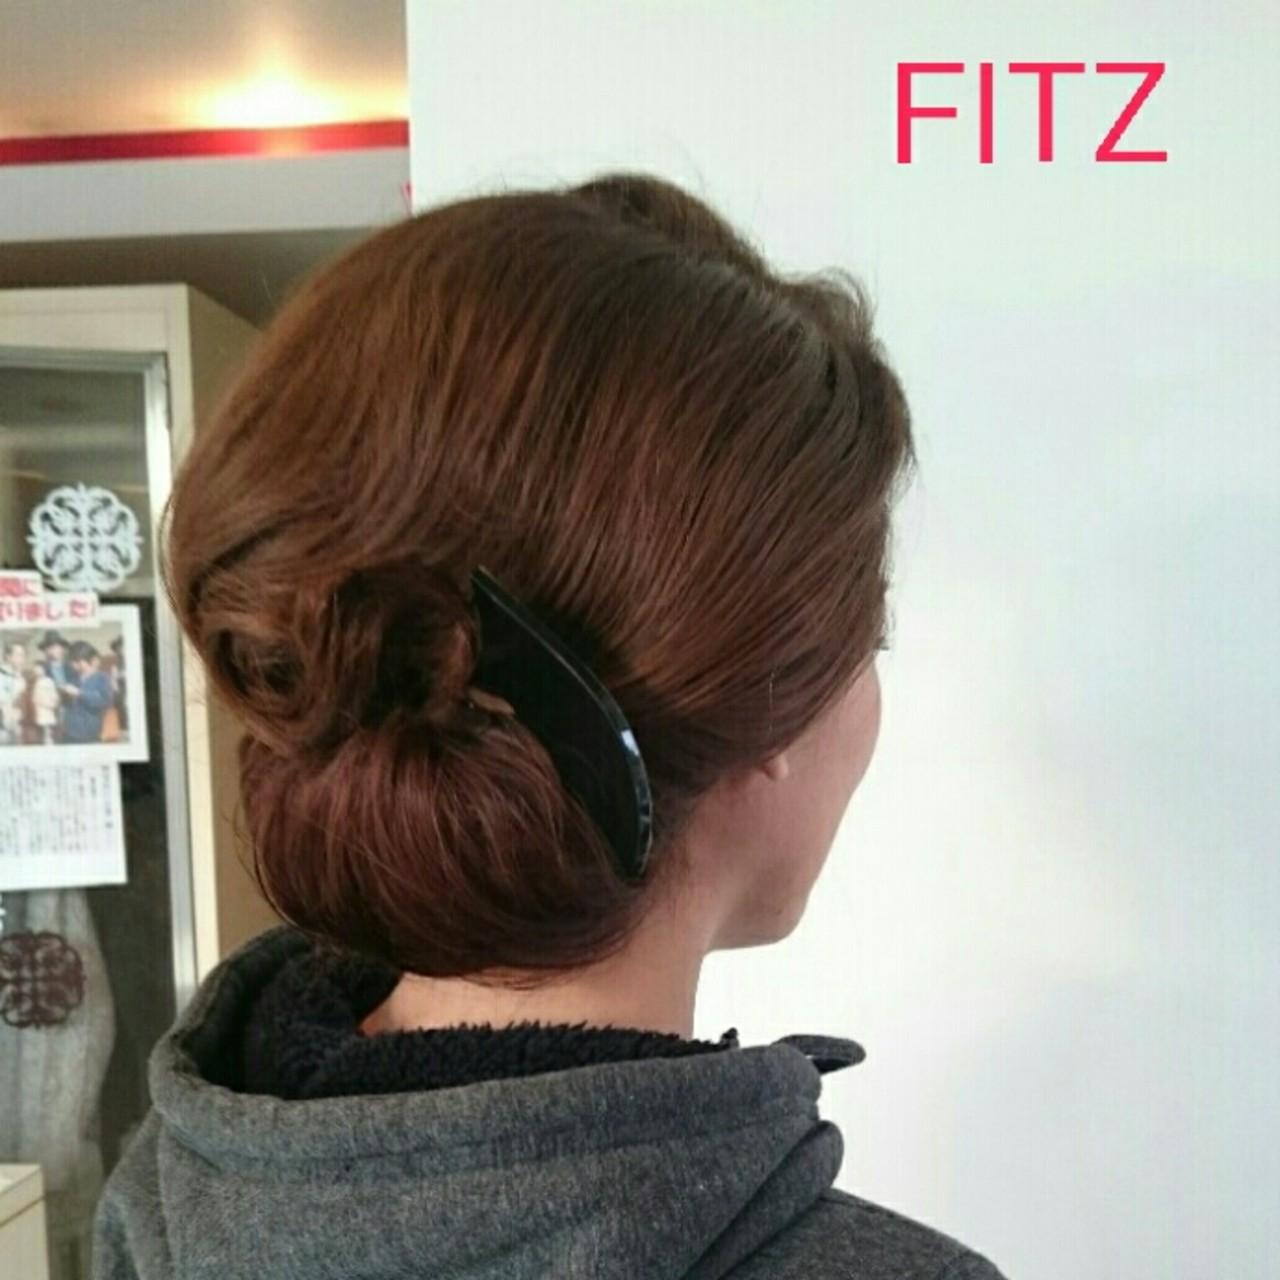 ブライダル 和装 ミディアム 着物 ヘアスタイルや髪型の写真・画像 | 美和遥 FITZ(フィッツ) / 富士美容院 FITZ (フィッツ)